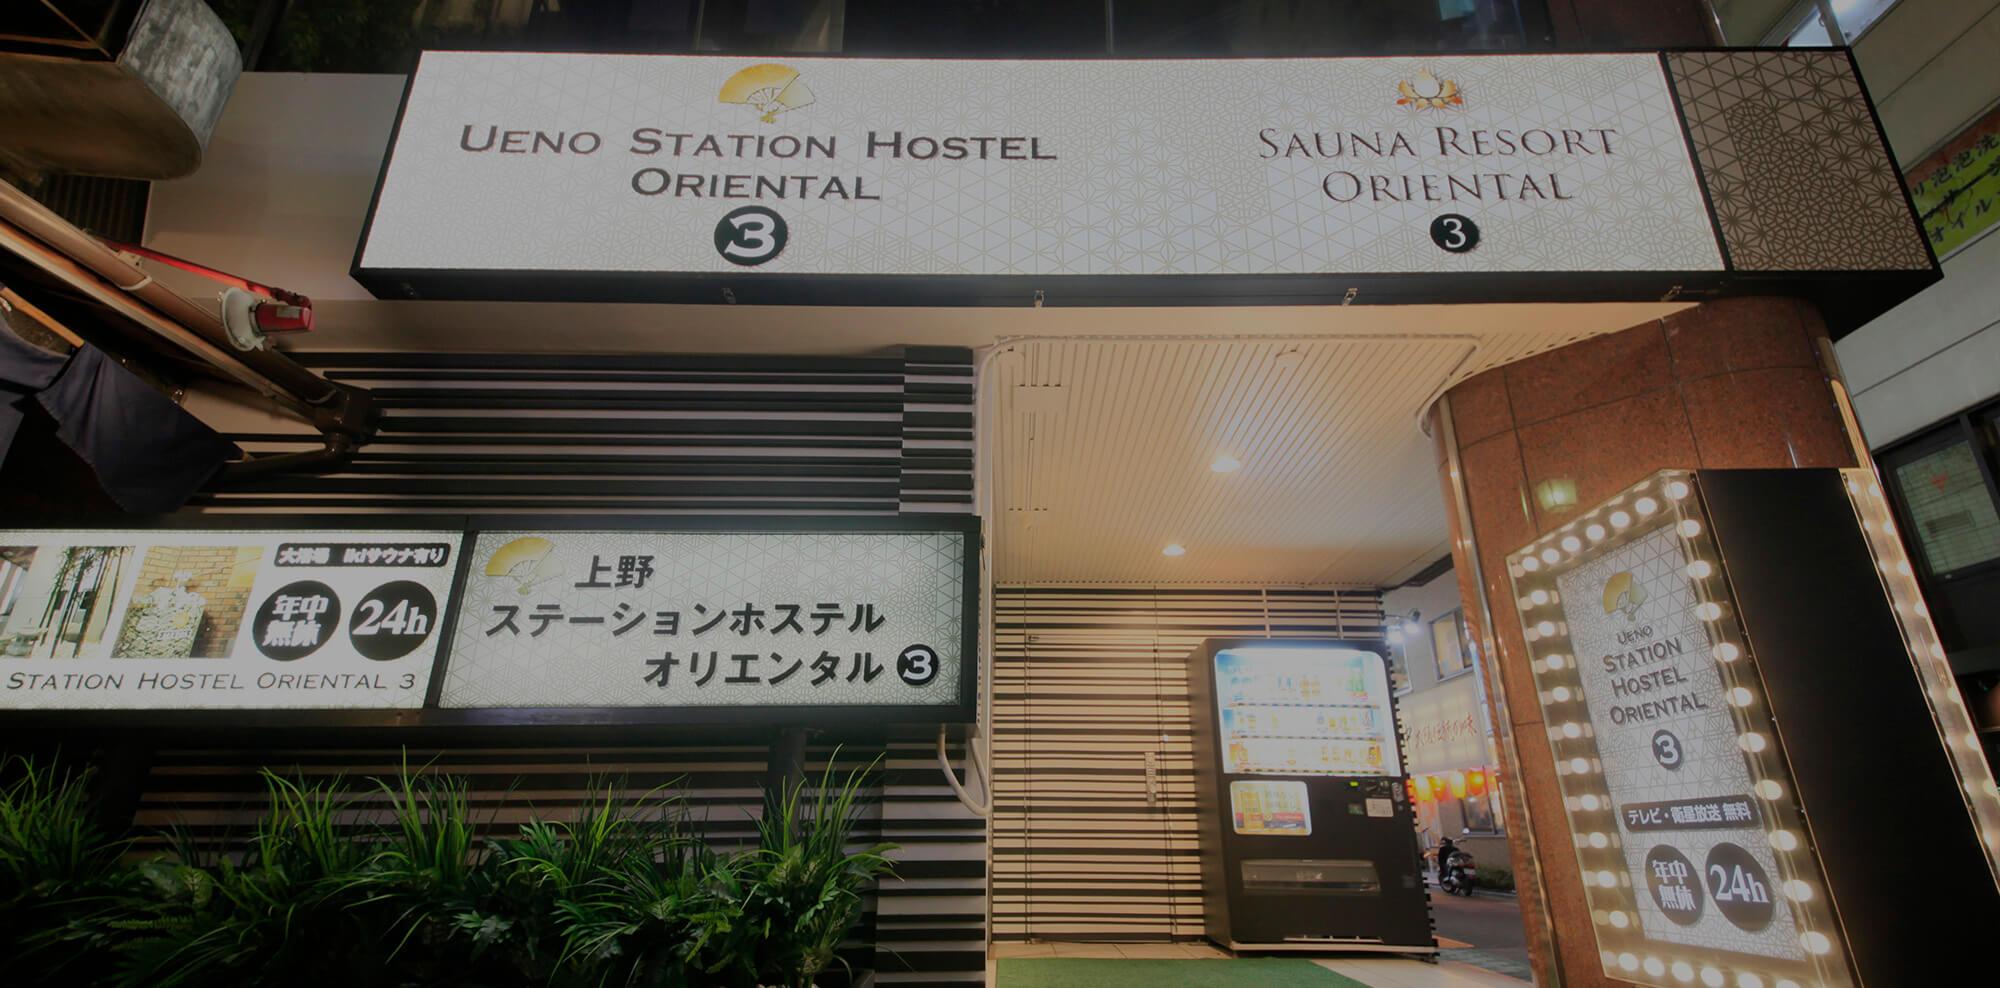 上野ステーションホステル オリエンタル3 ◆男性専用◆ビジネス・観光で疲れた後は大浴場でリラックス♪上野駅徒歩2分の好立地でこの価格!